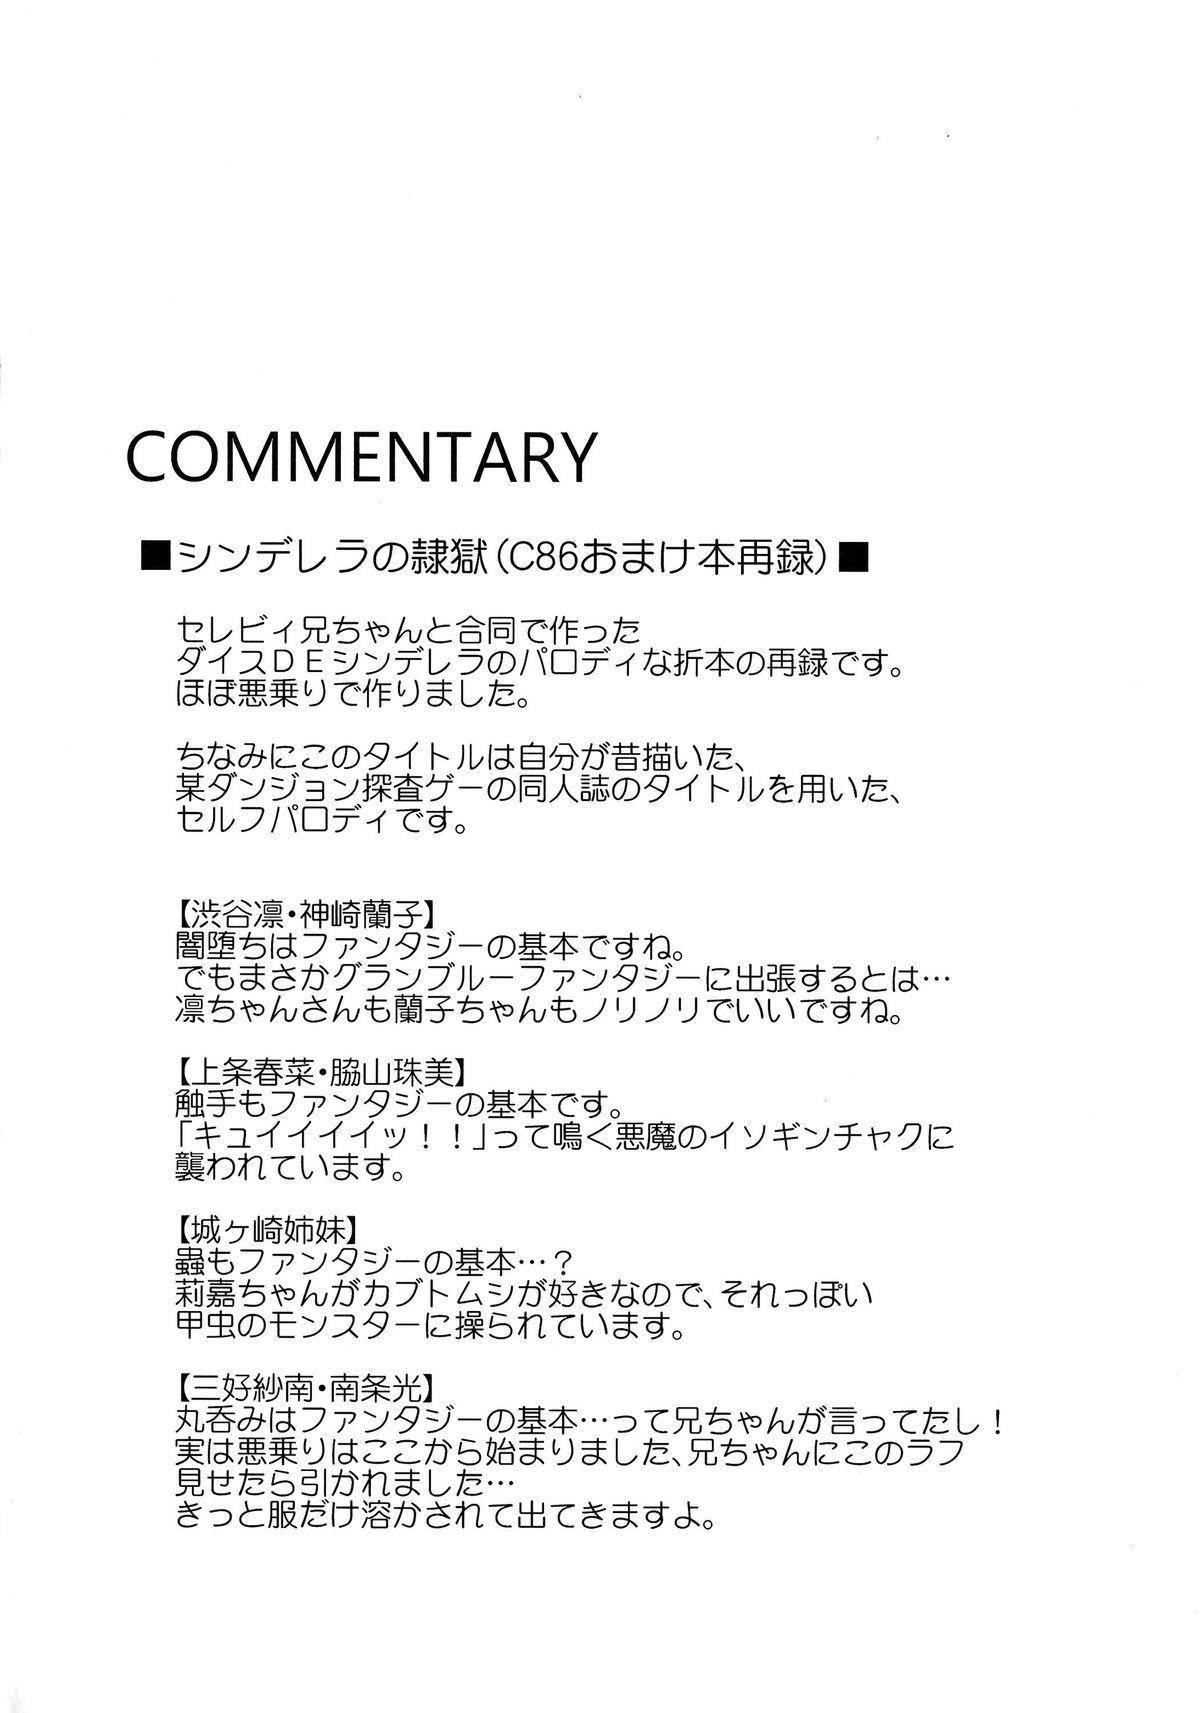 CINDERELLA ECSTASY Megami no Tawamure 28